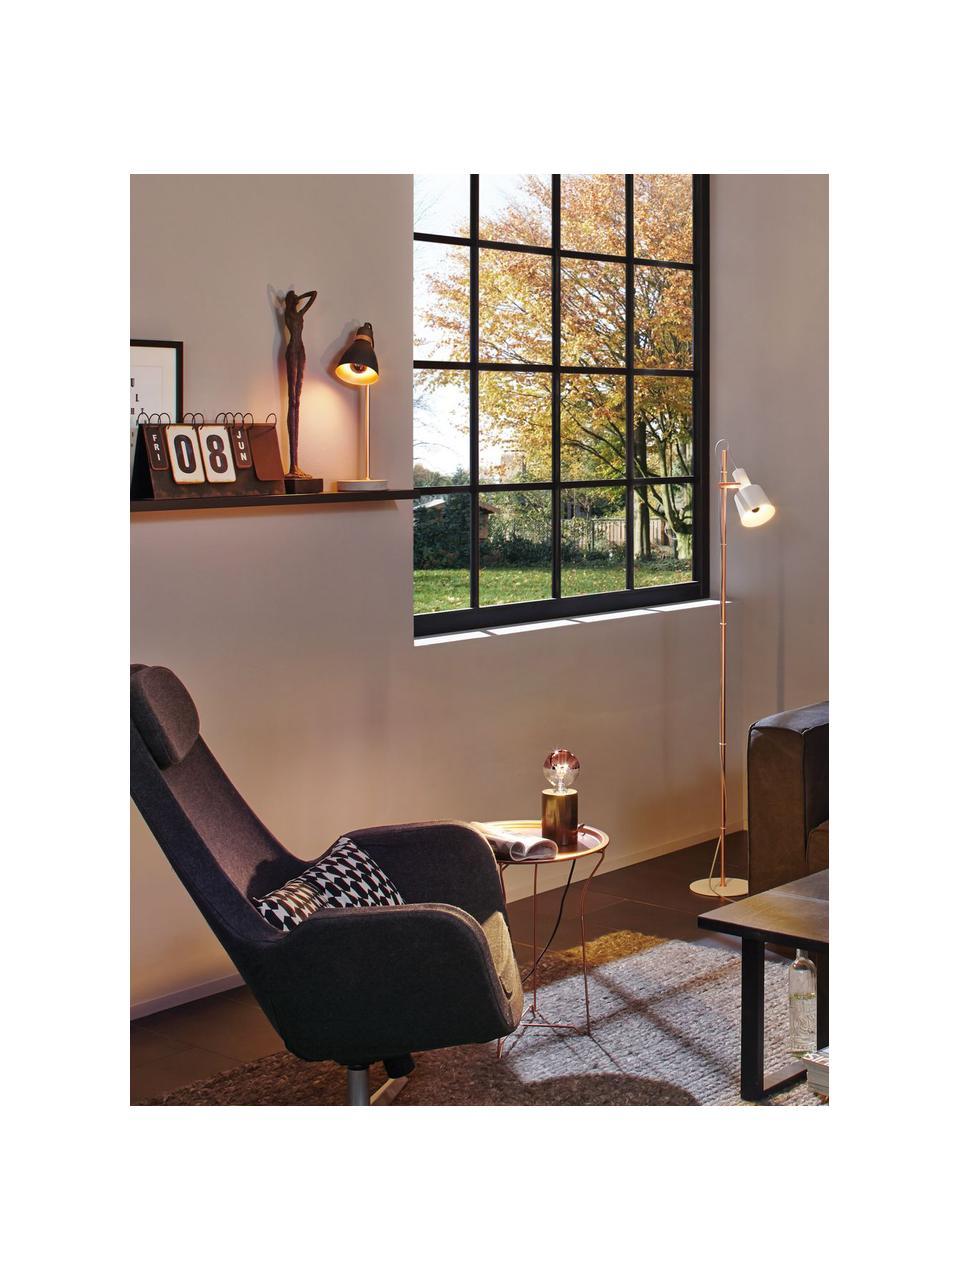 Große Schreibtischlampe Orm mit Betonfuß, Lampenschirm: Metall, beschichtet, Stange: Metall, beschichtet, Lampenfuß: Beton, Kupferfarben, Grau, Ø 15 x H 50 cm